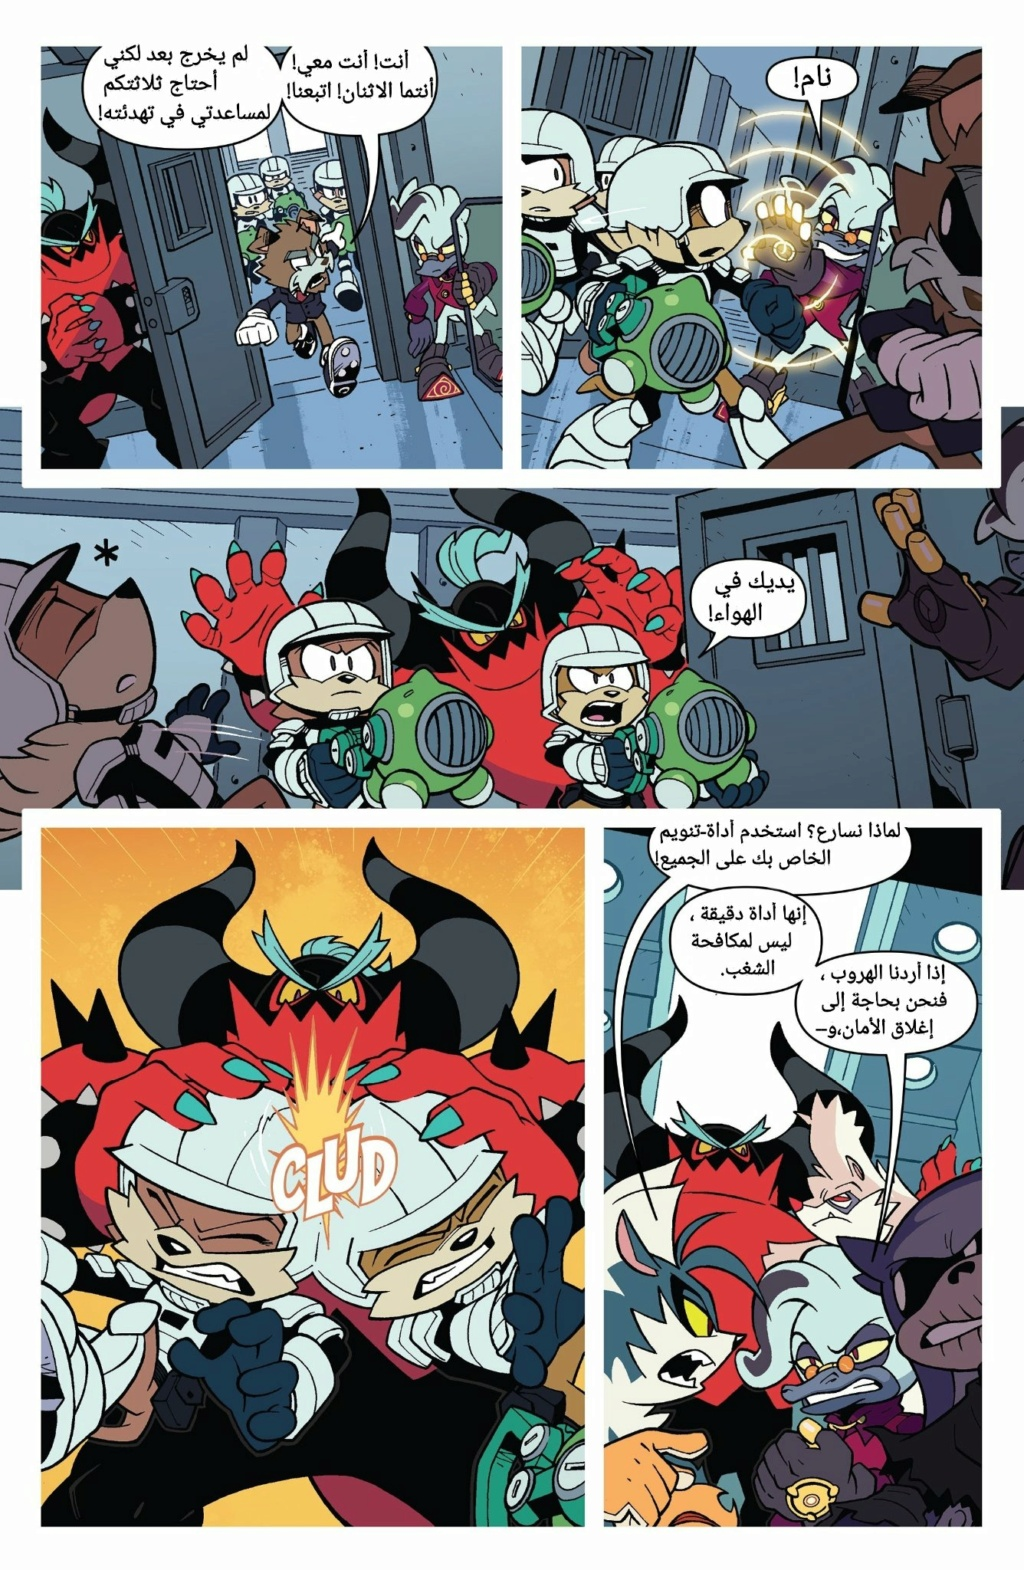 سونيك idw العدد الخاص bad guys العدد 1 كامل ومترجم Hwnbkj10